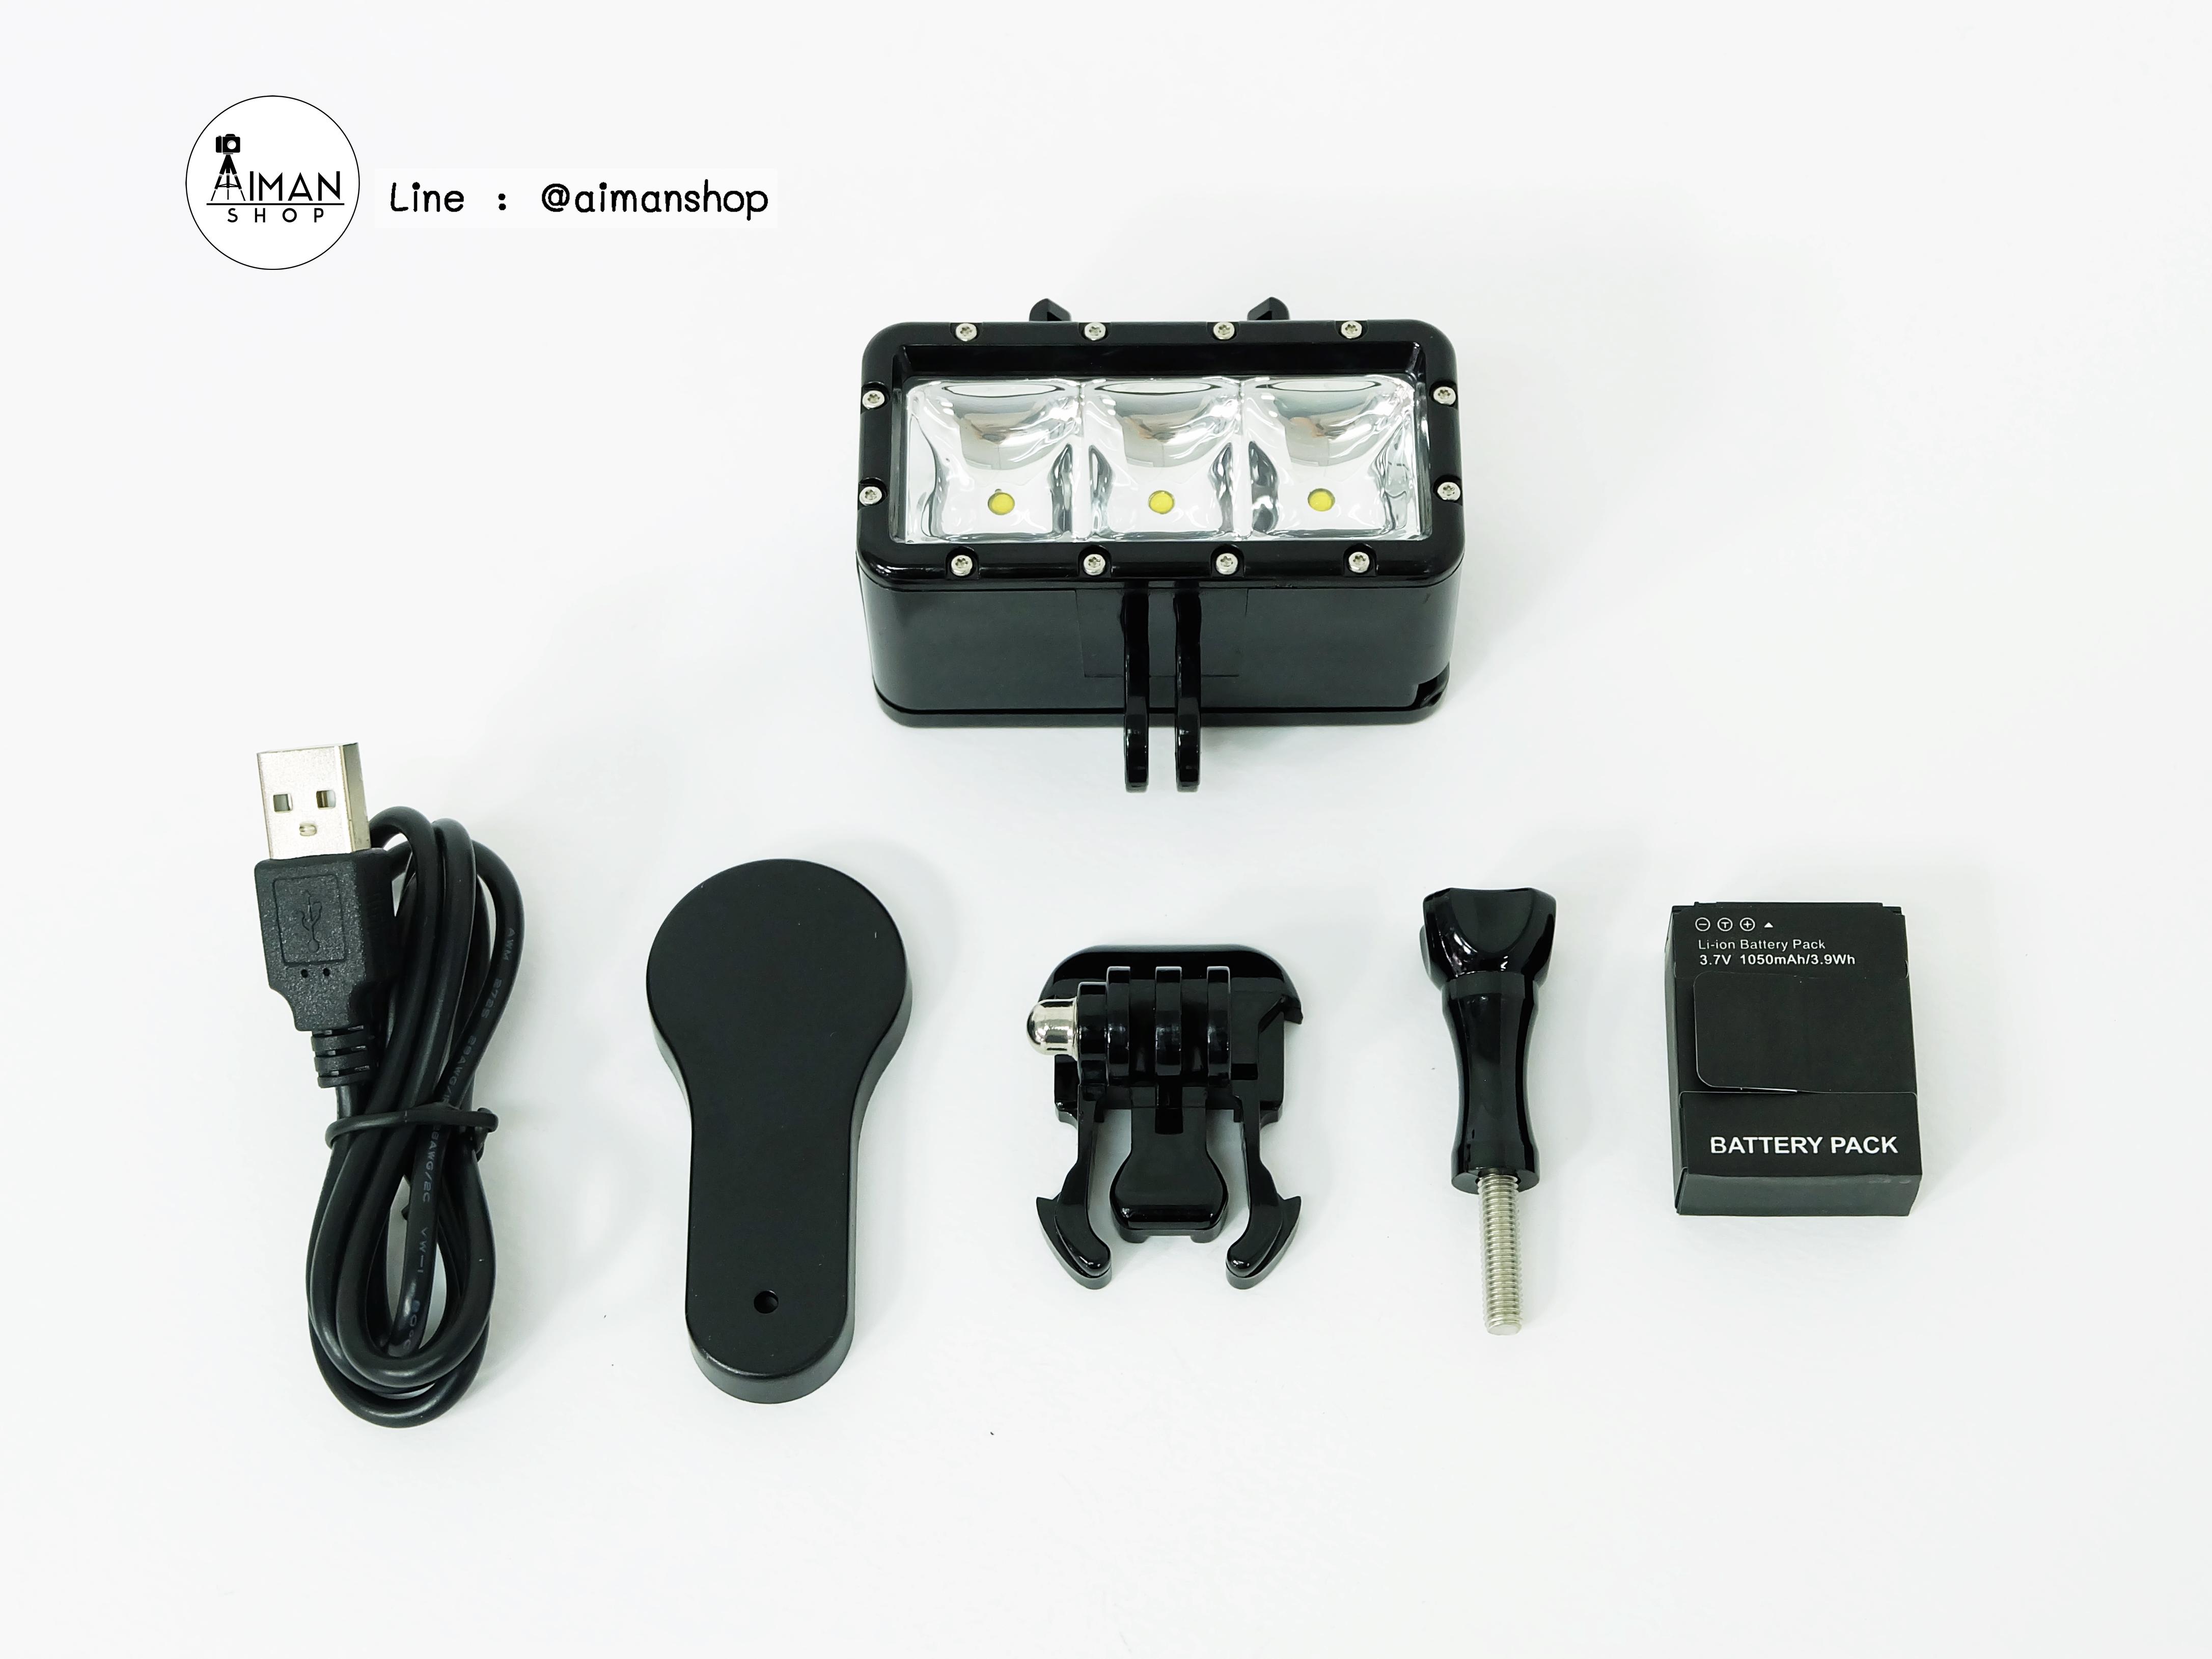 ไฟส่องใต้น้ำ - waterproof video light